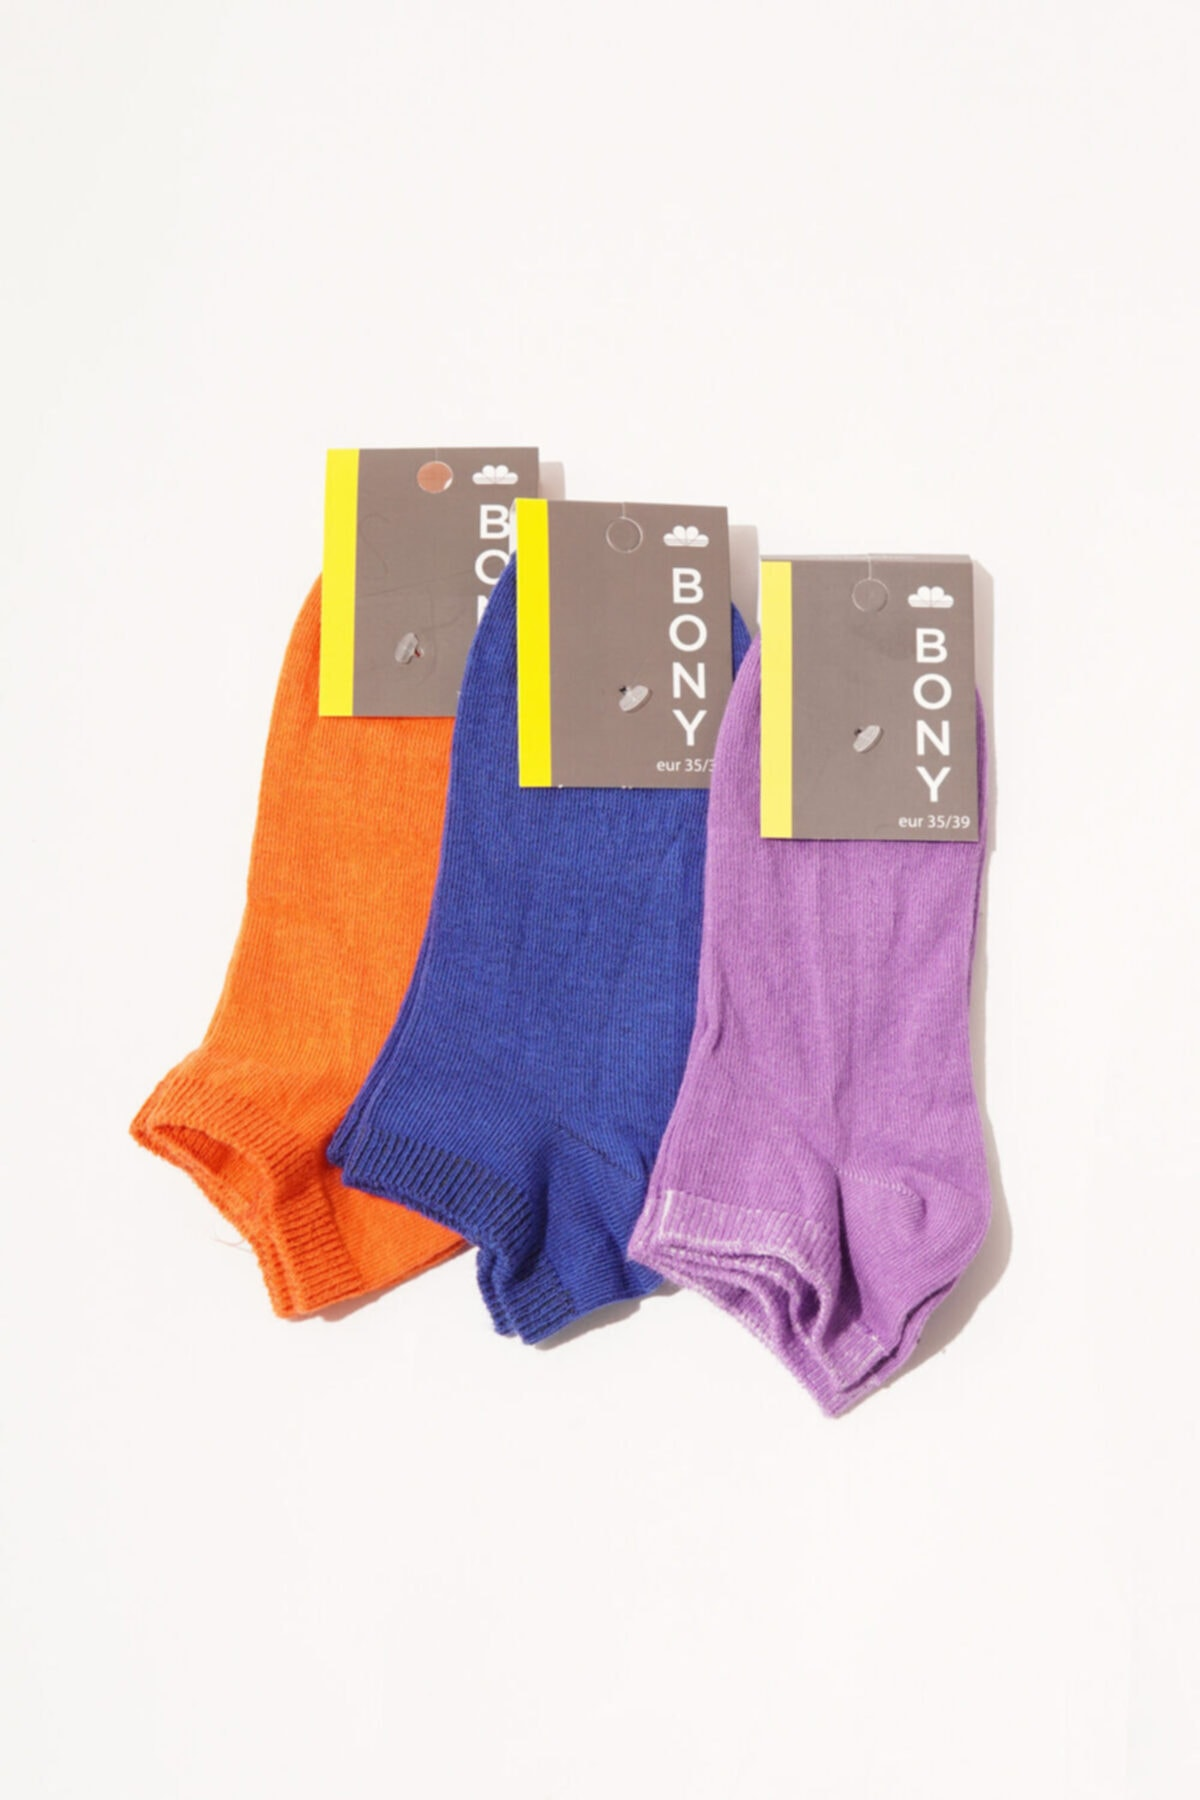 Katia&Bony 3 Lü Paket Autumn Kadın Step Çorap- Renkli 1